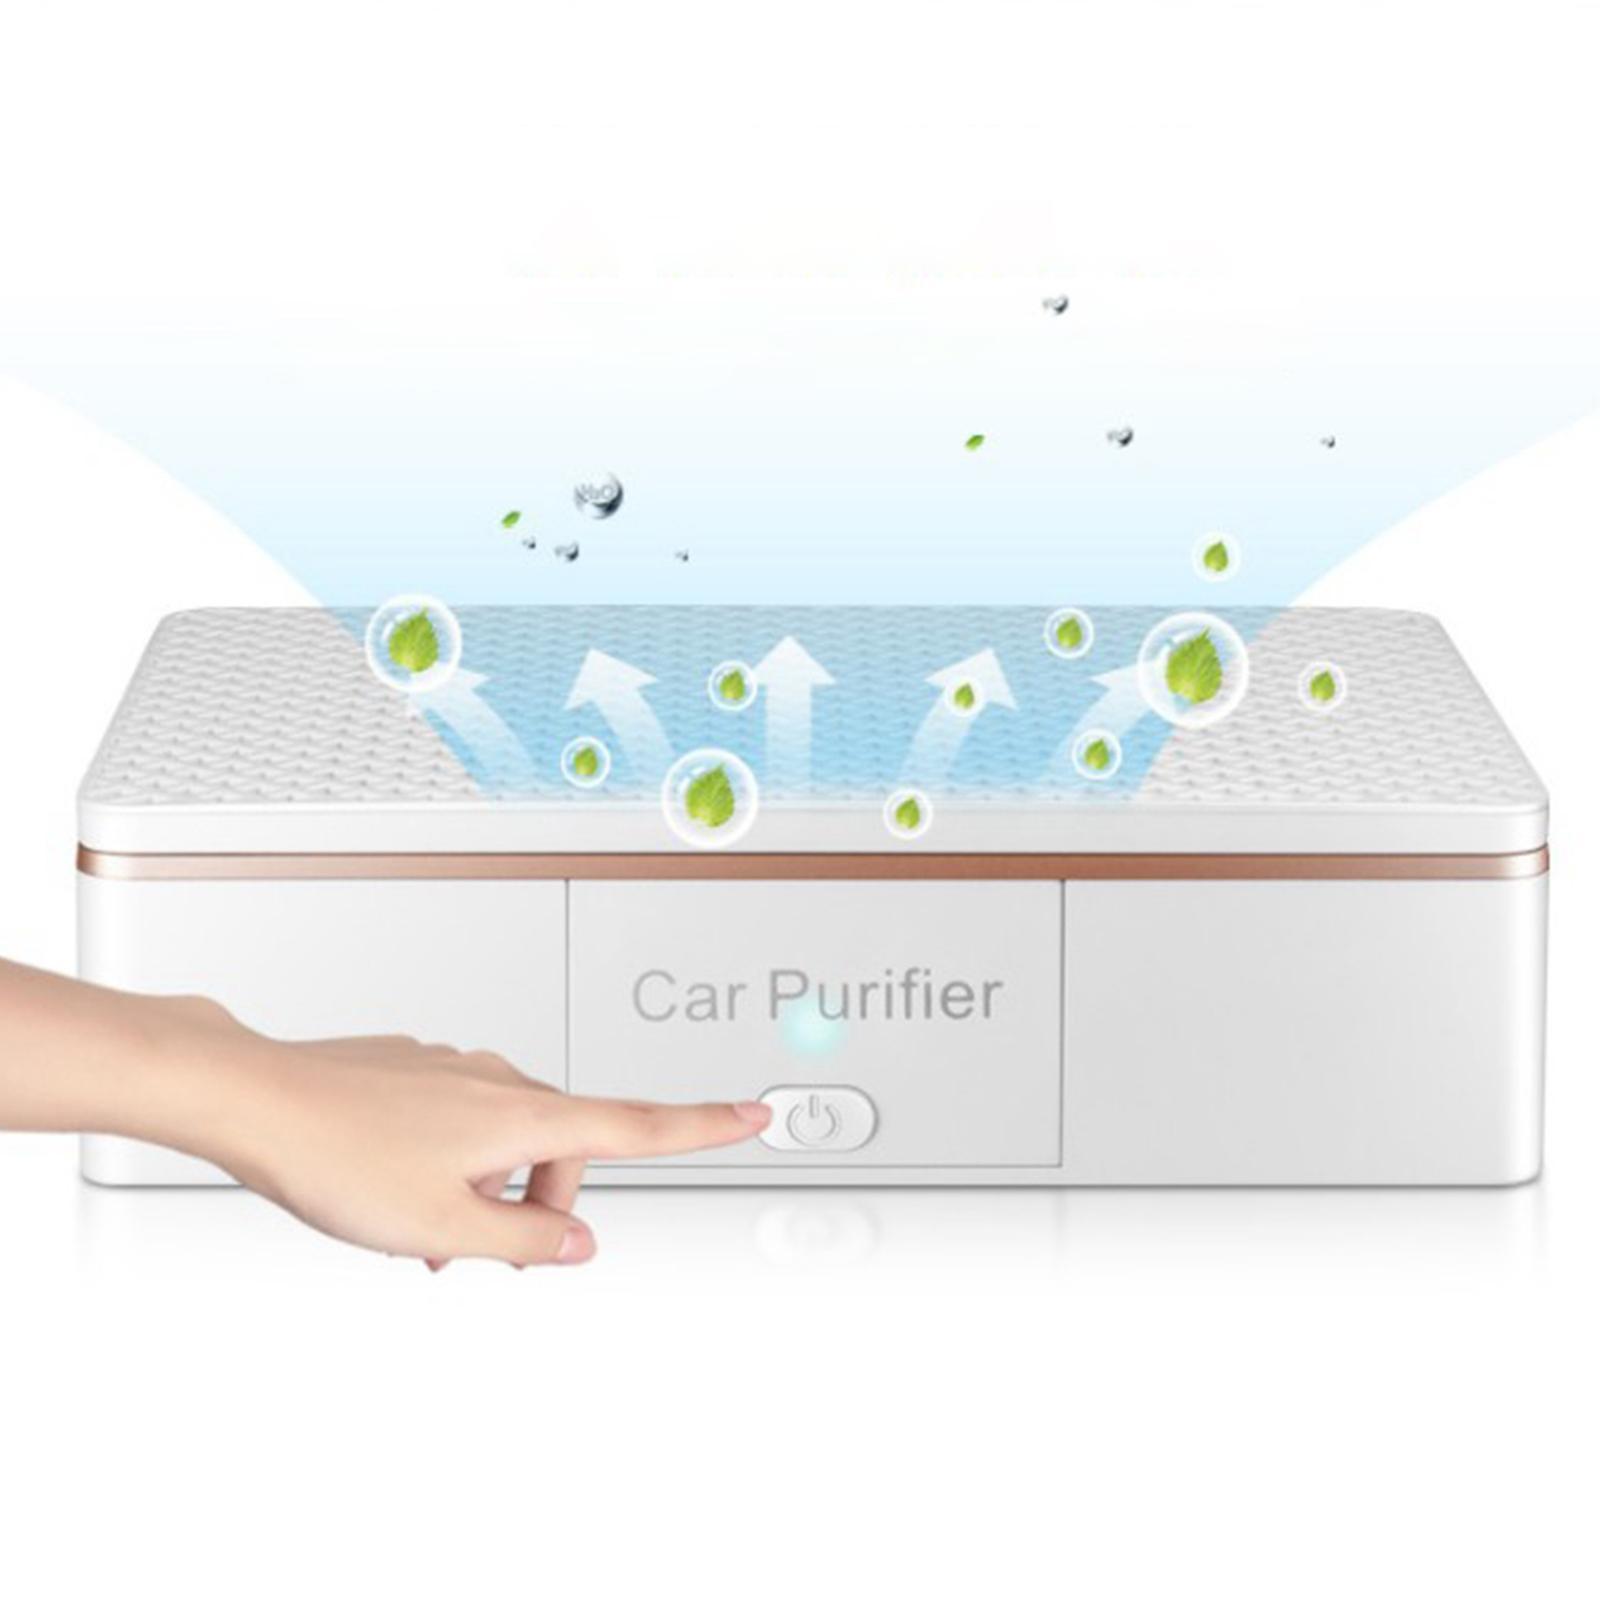 Indexbild 9 - Auto Air Purifier Luft Reiniger Deodorizer Ionisator für Home Office